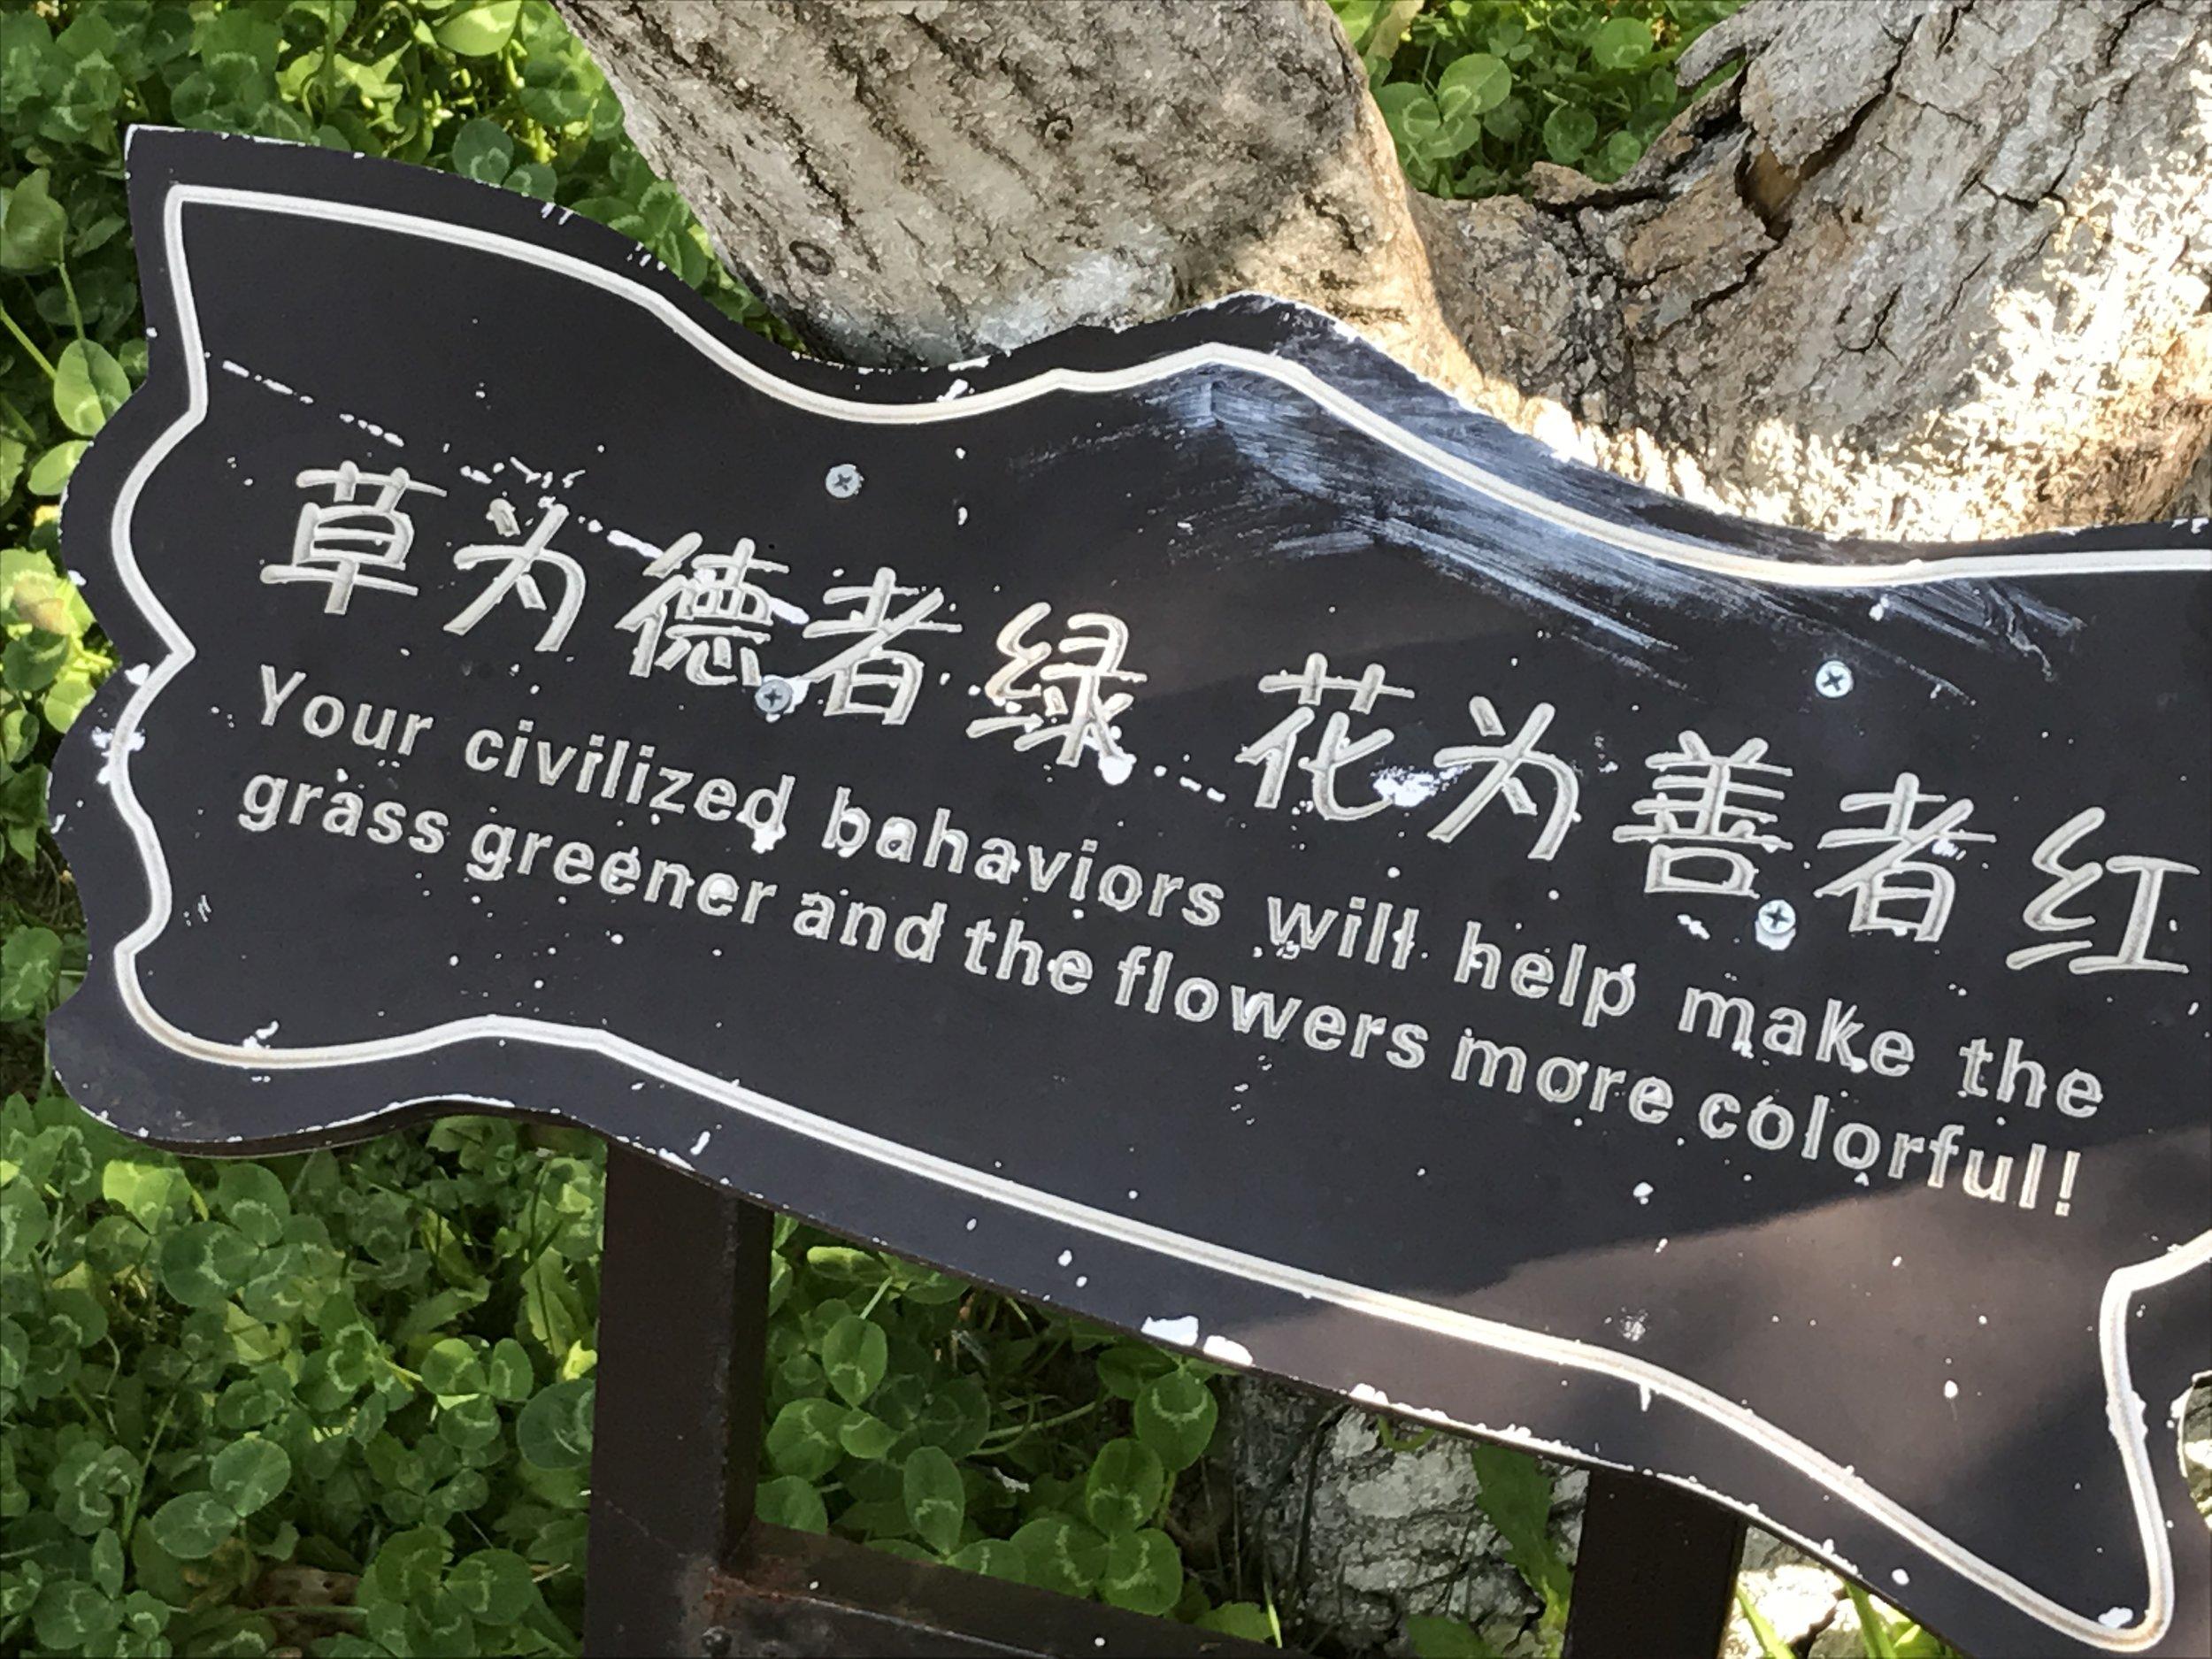 A metaphor for life, perhaps?